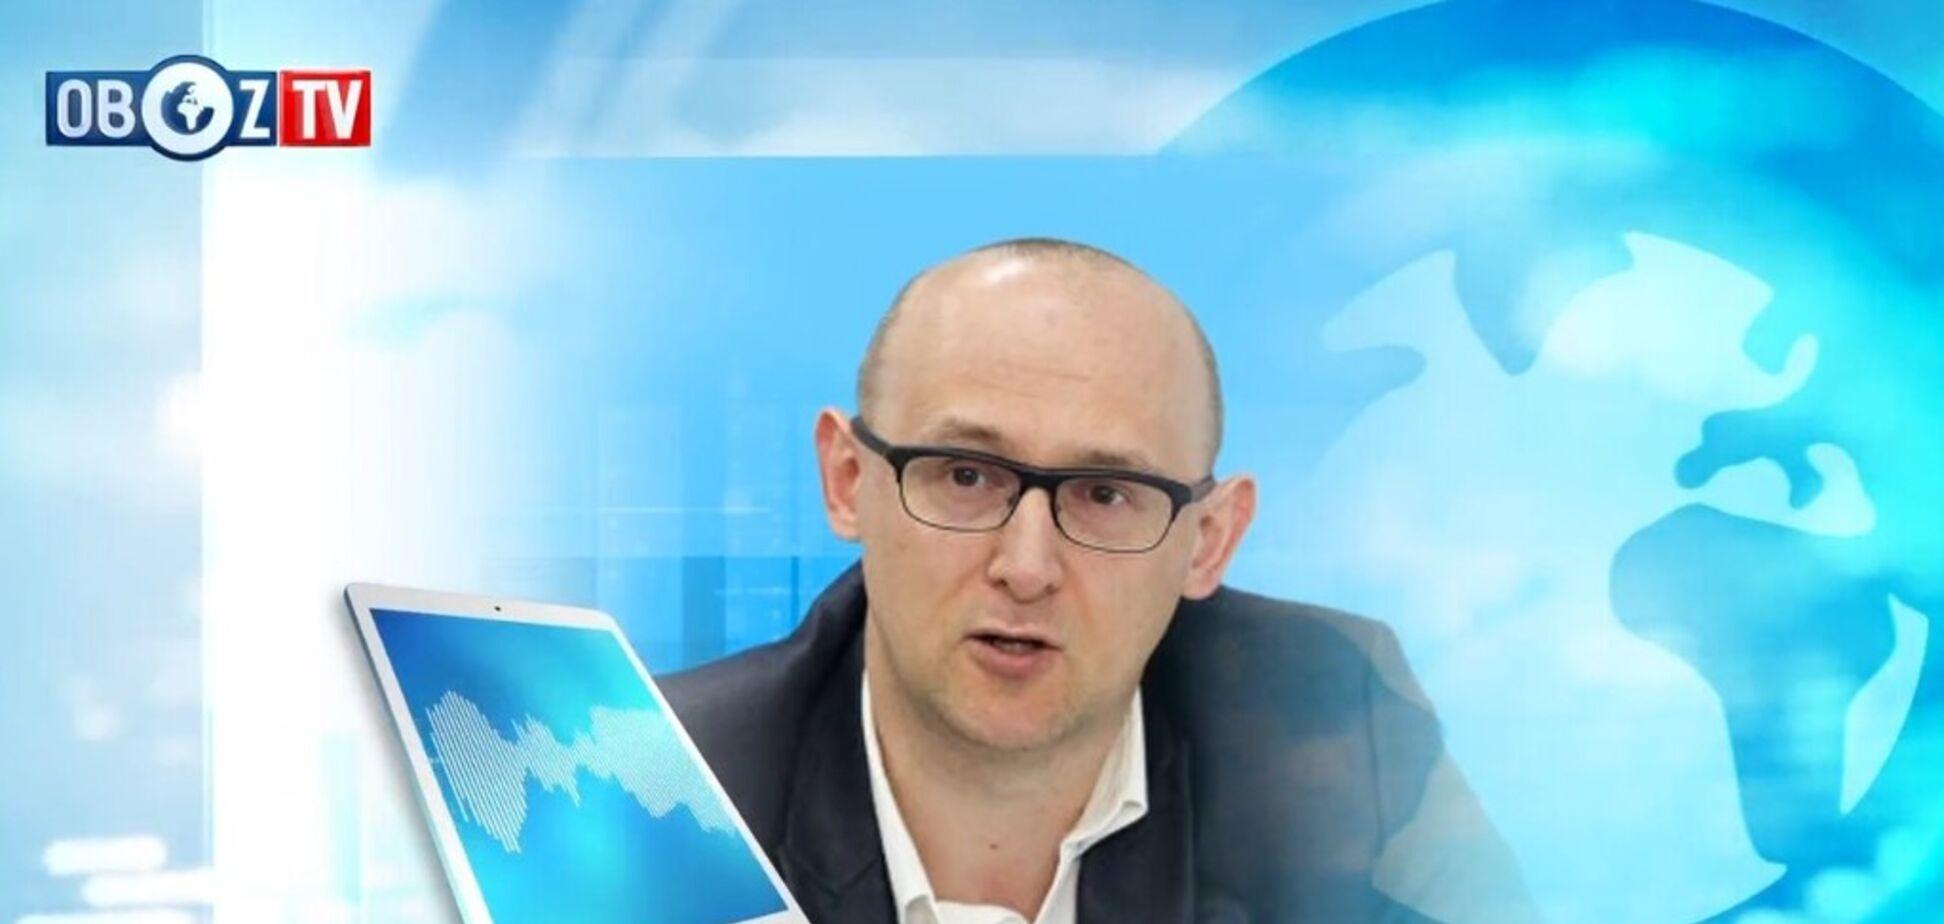 Решение Стокгольмского арбитража неполное: эксперт по энергетическим вопросам